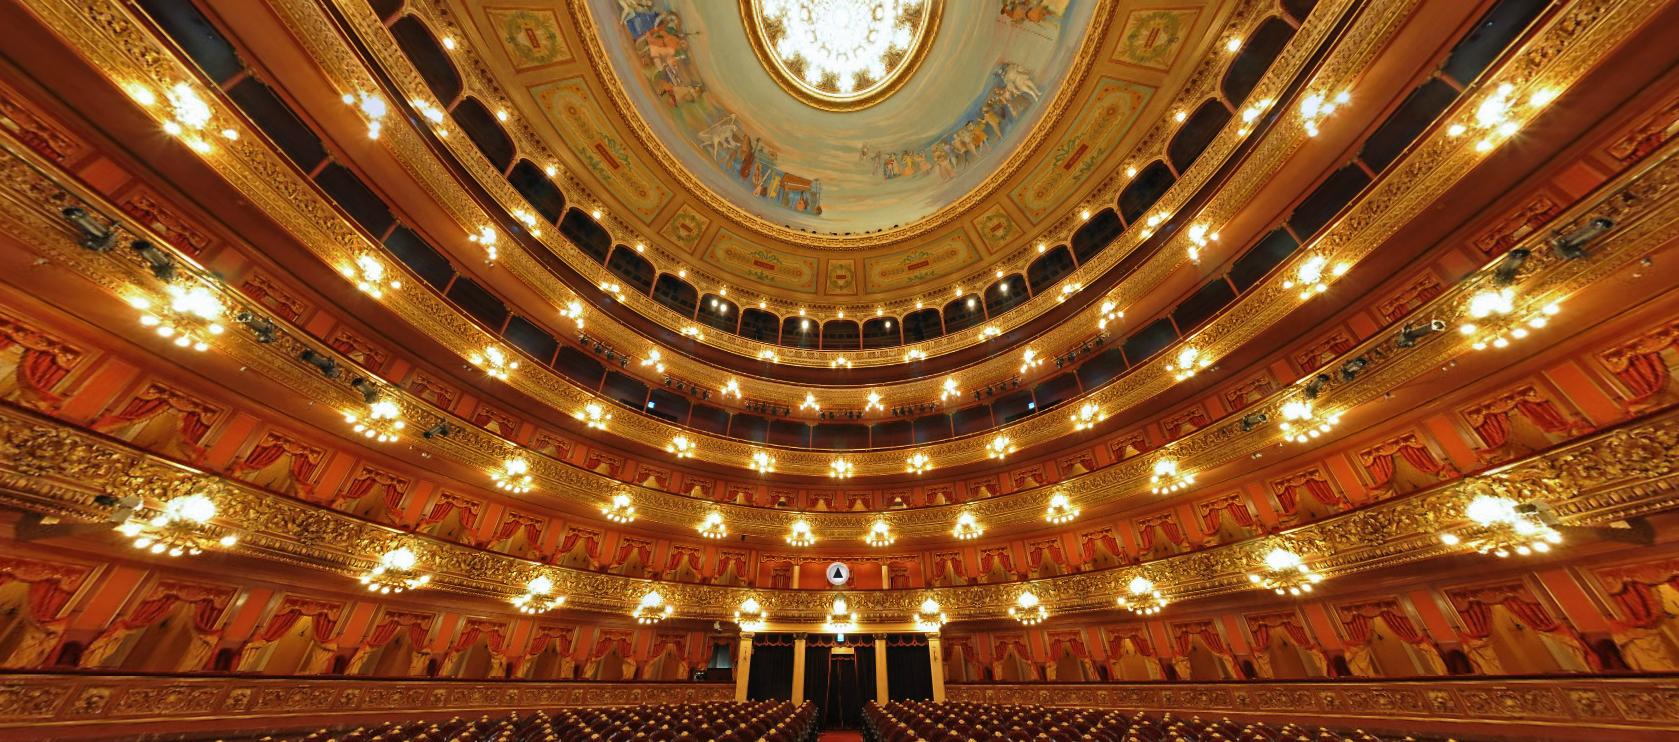 Theatres 4.2